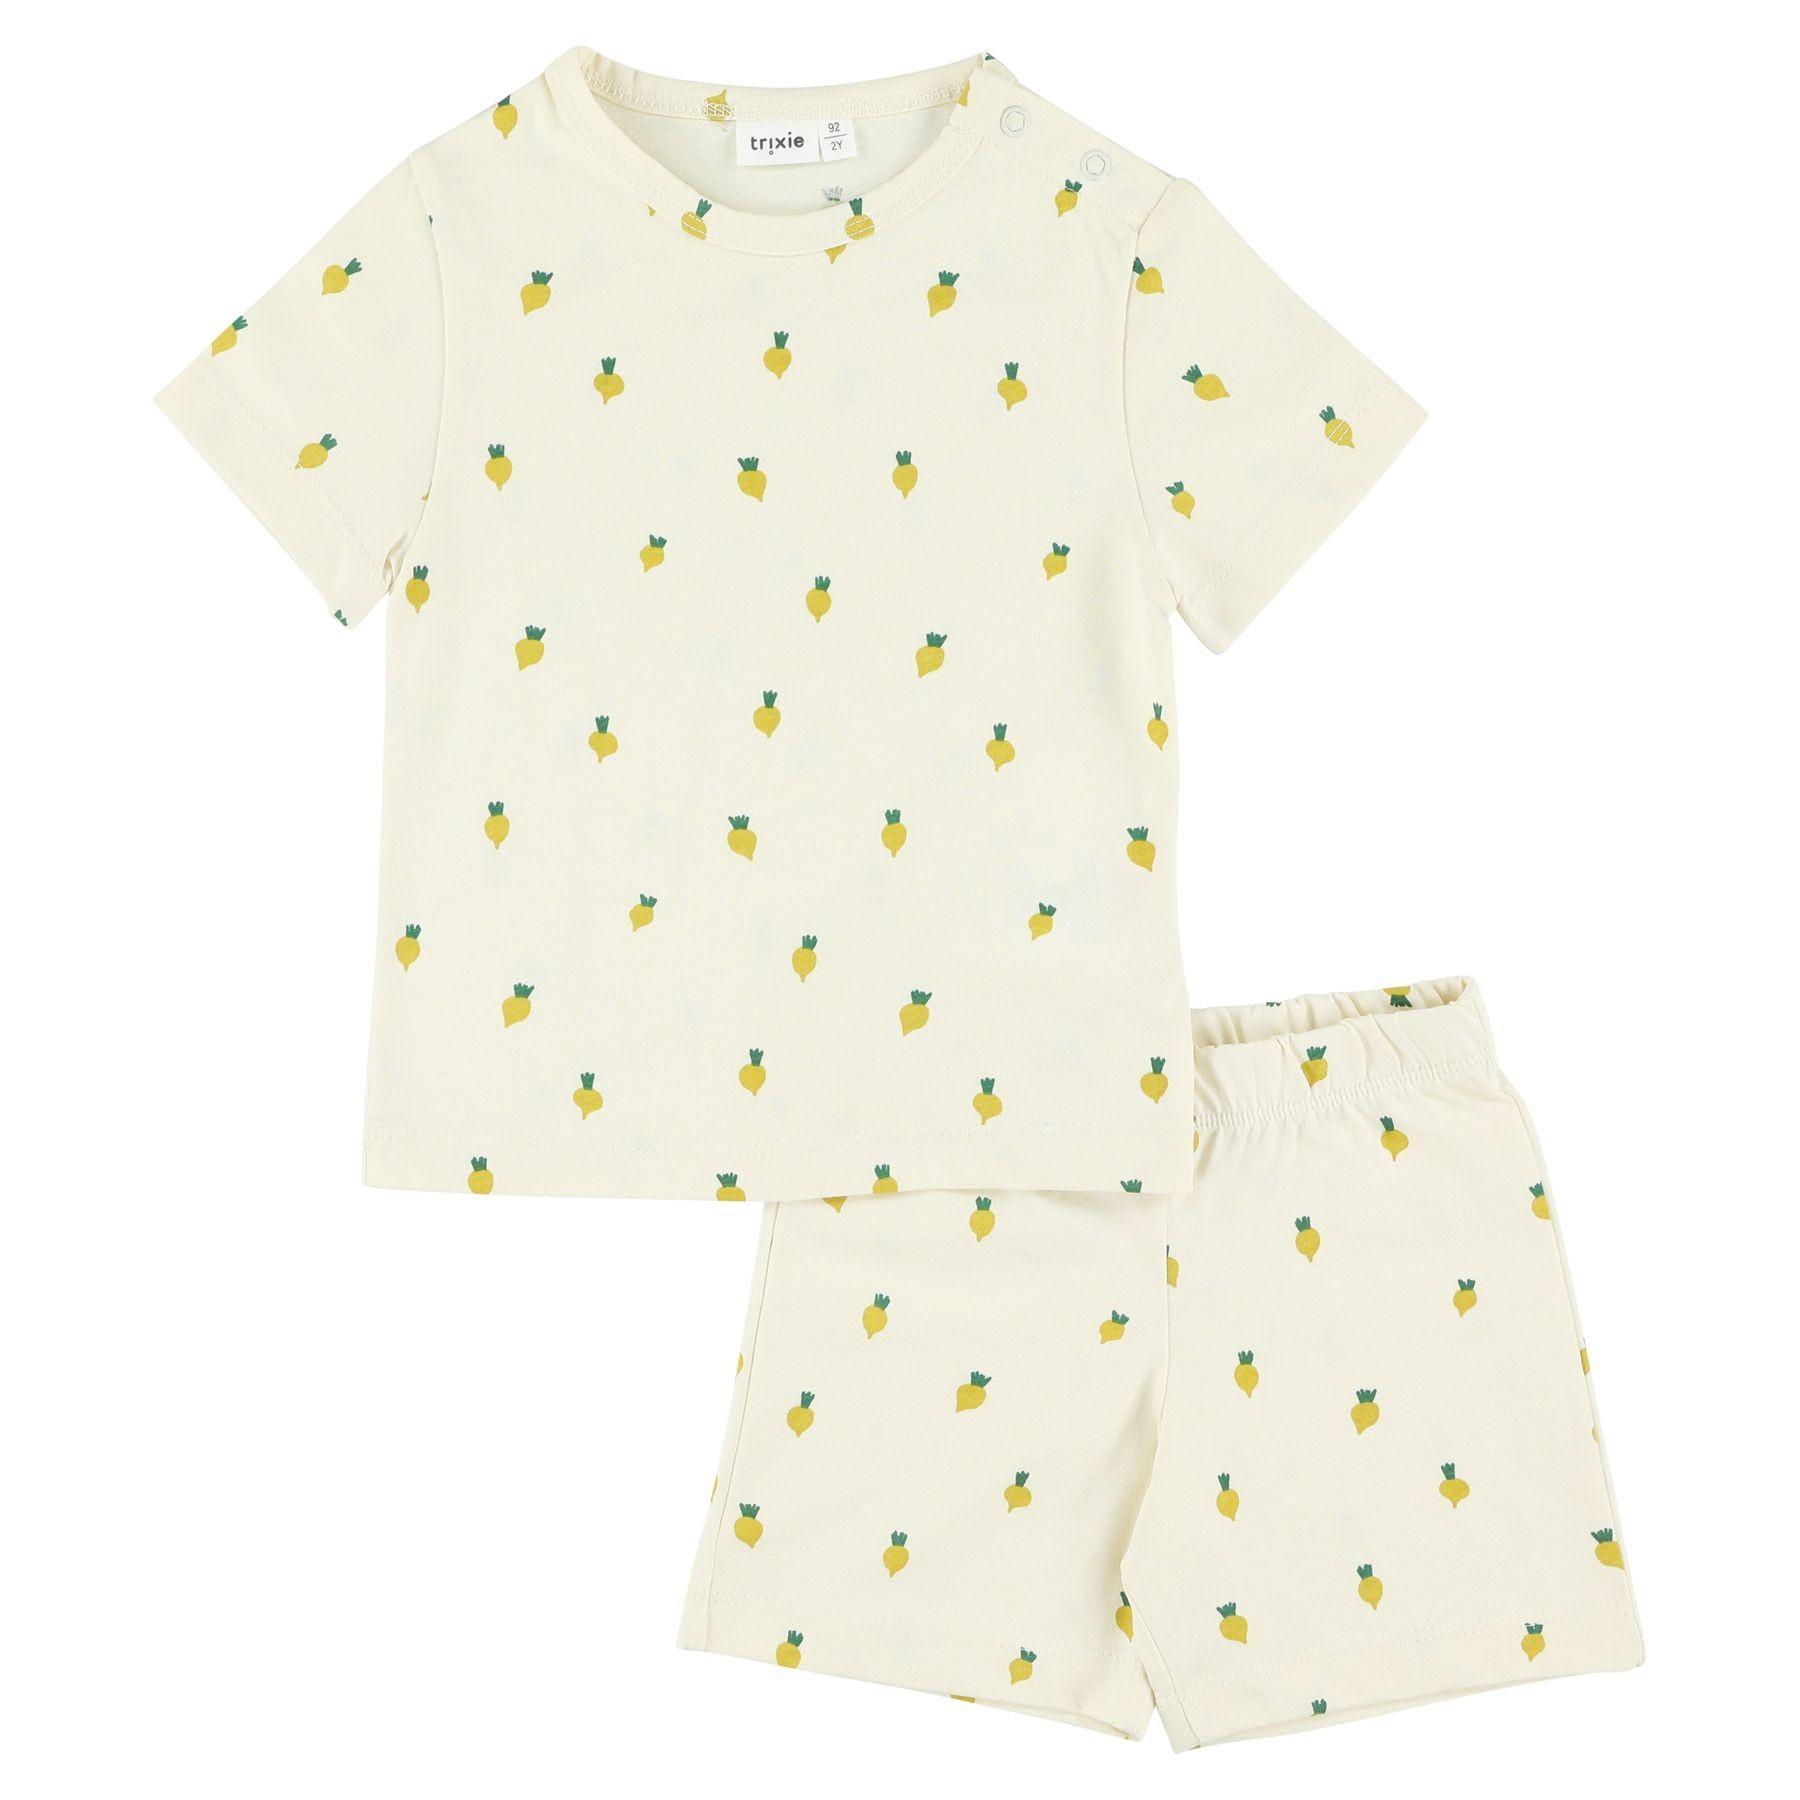 Trixie - 2-delige pyjama kort - Tiny Turnip - 2Y